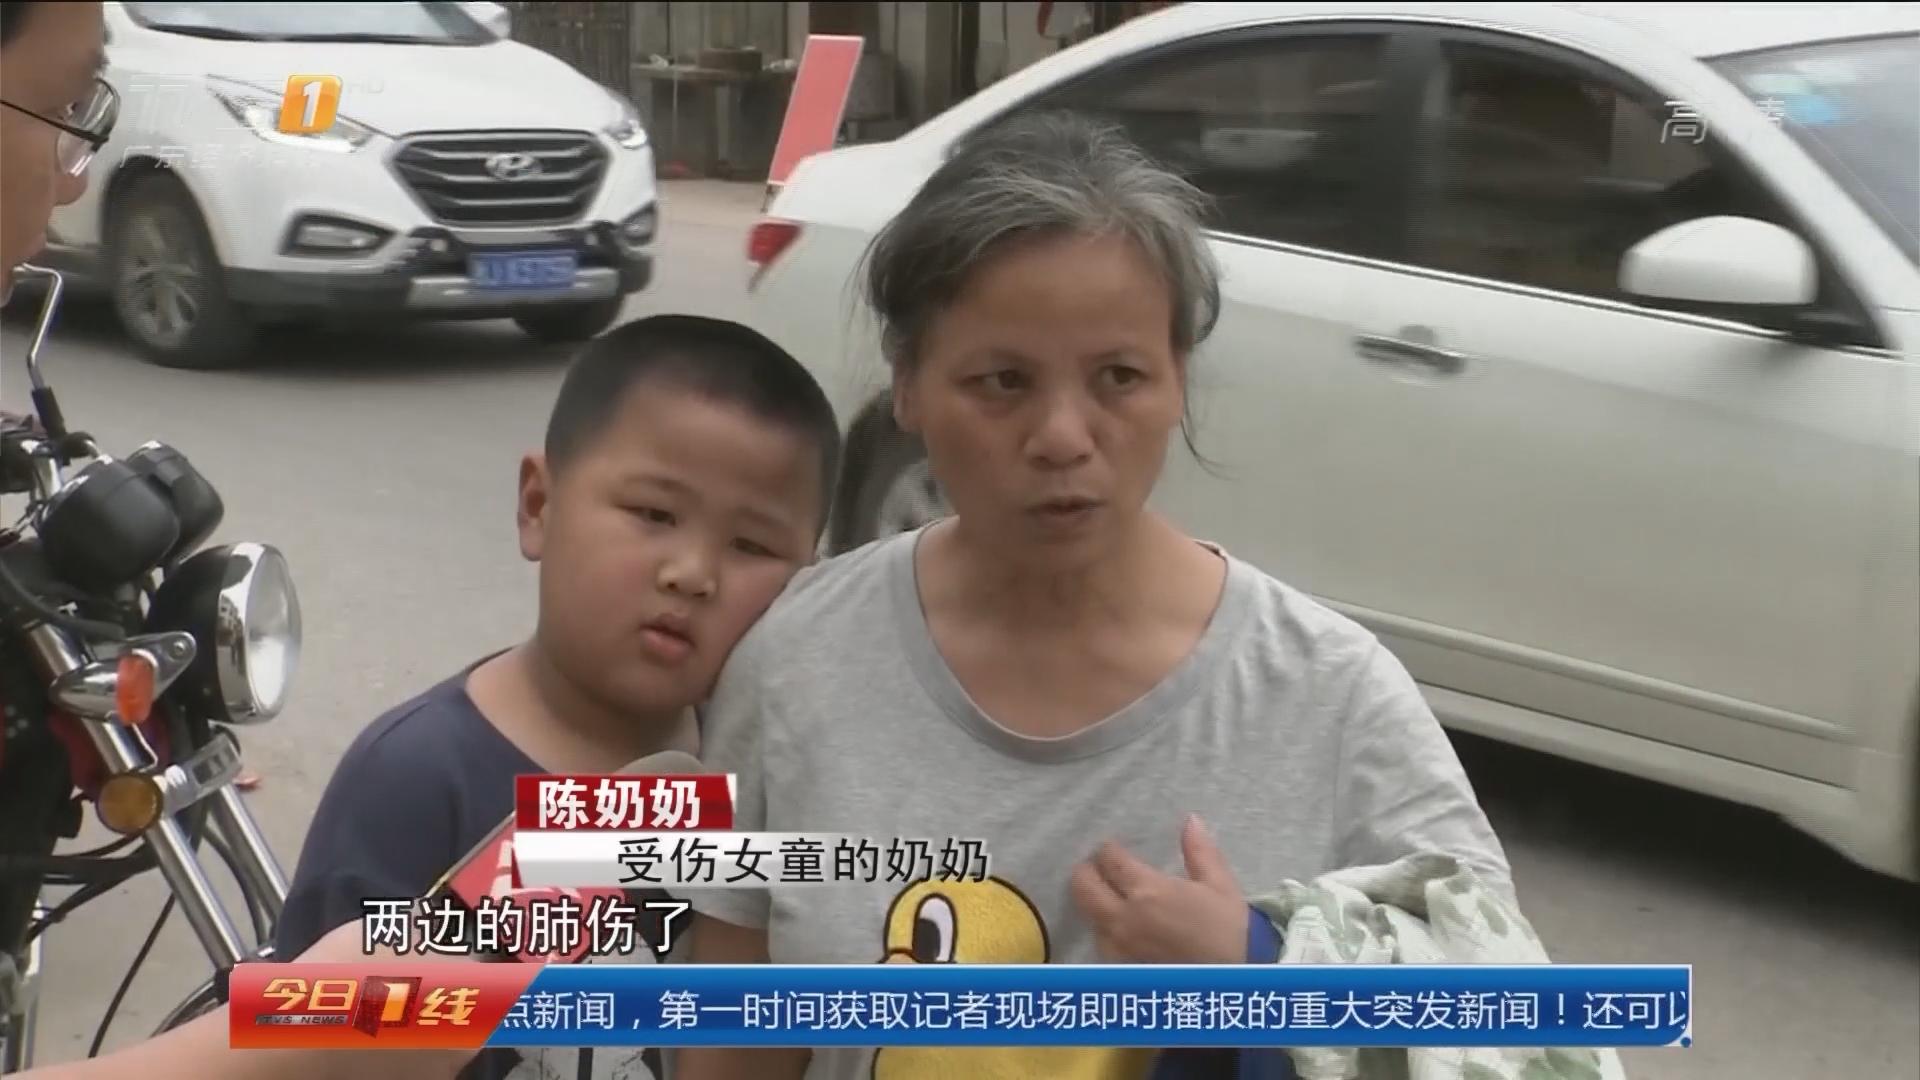 梅州兴宁:女童被卡车底 路人齐心施救